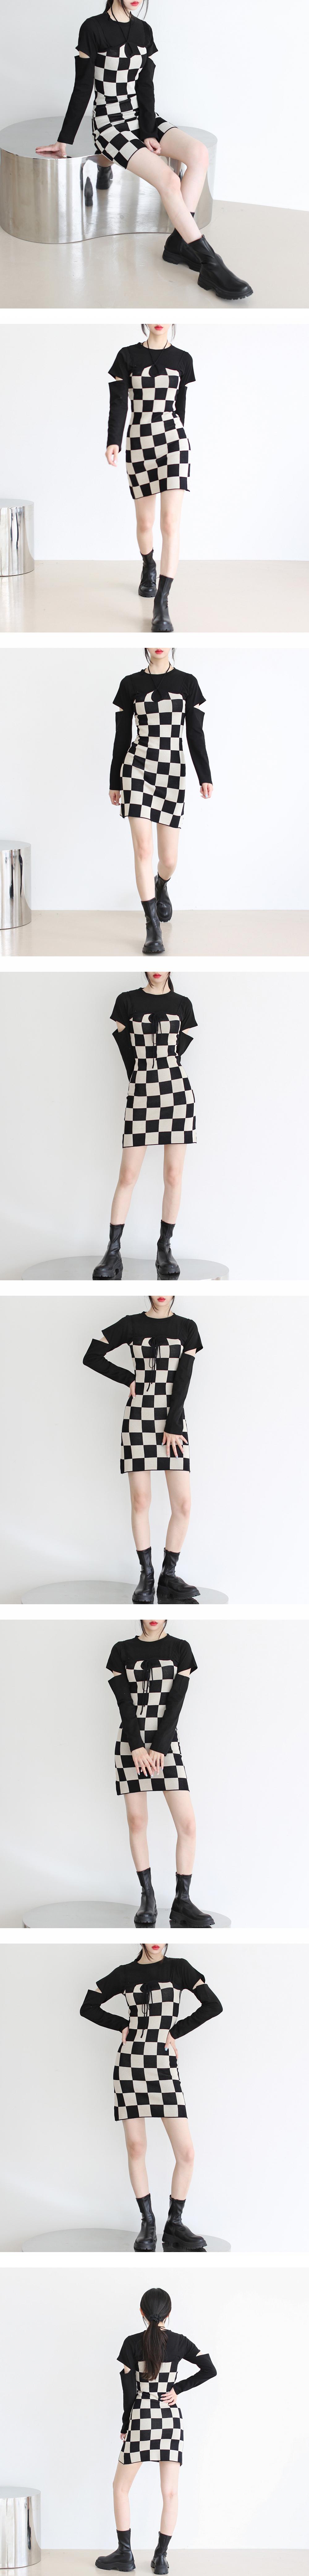 Liar Checkerboard Mini Dress